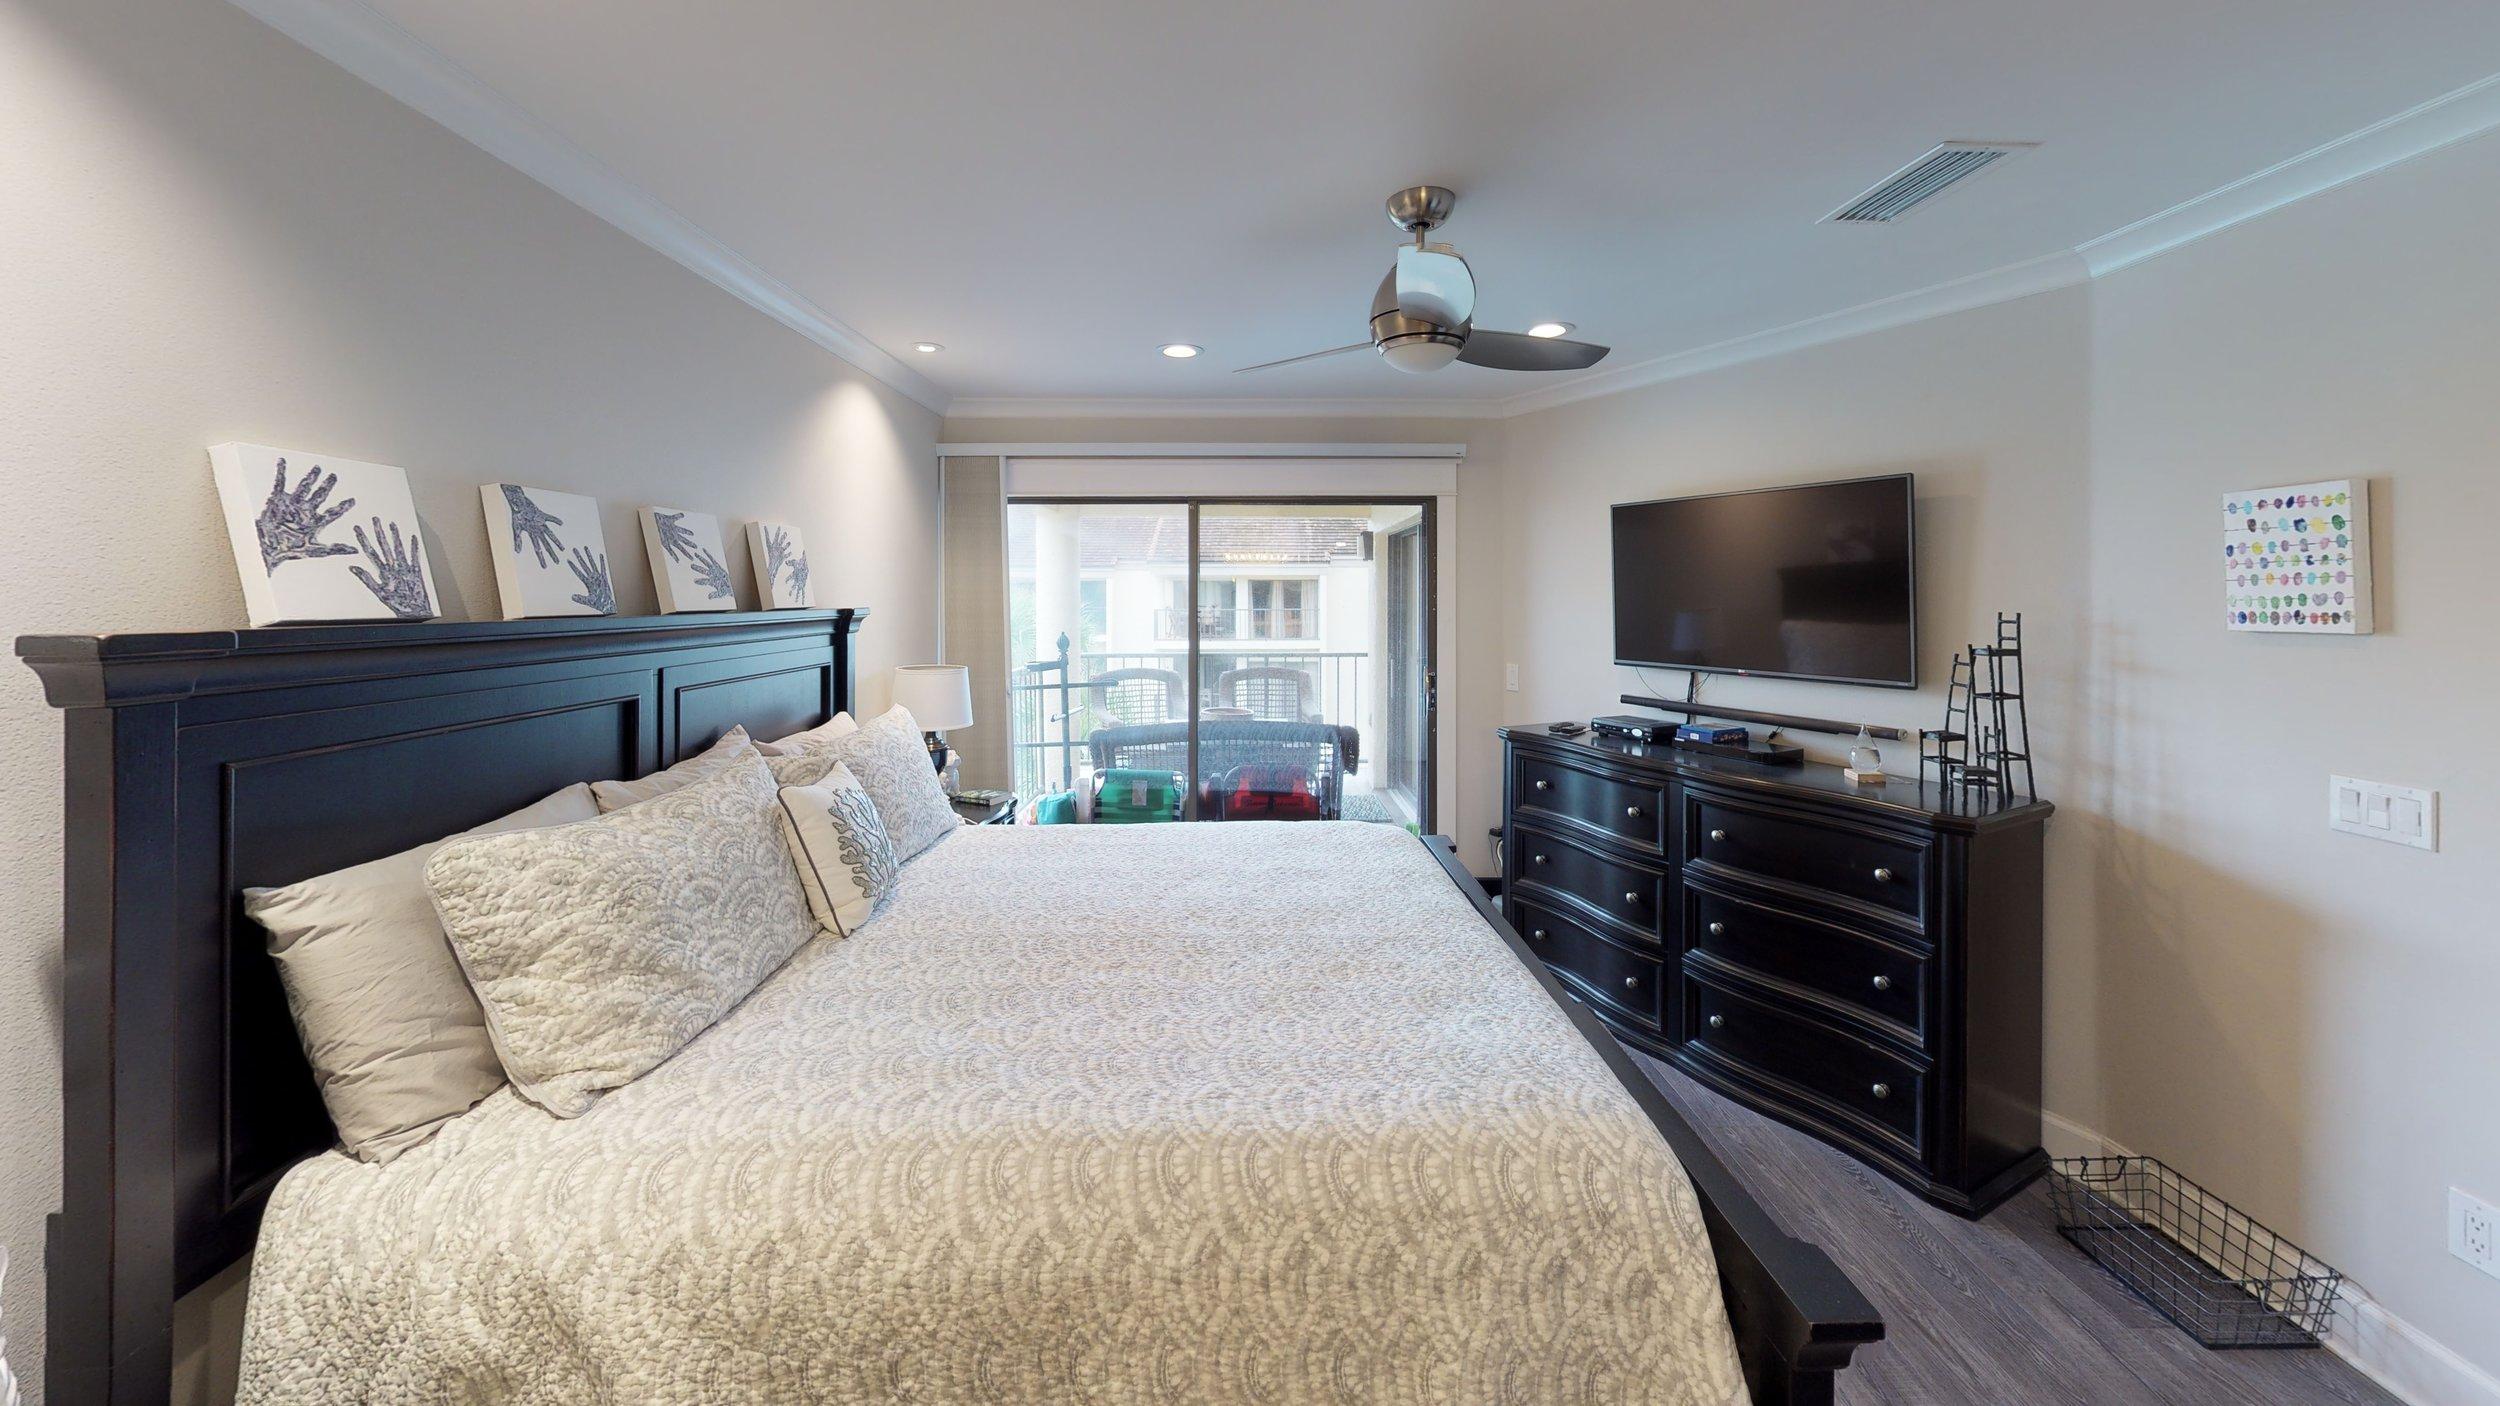 314-Caribe-Vista-Bedroom.jpg